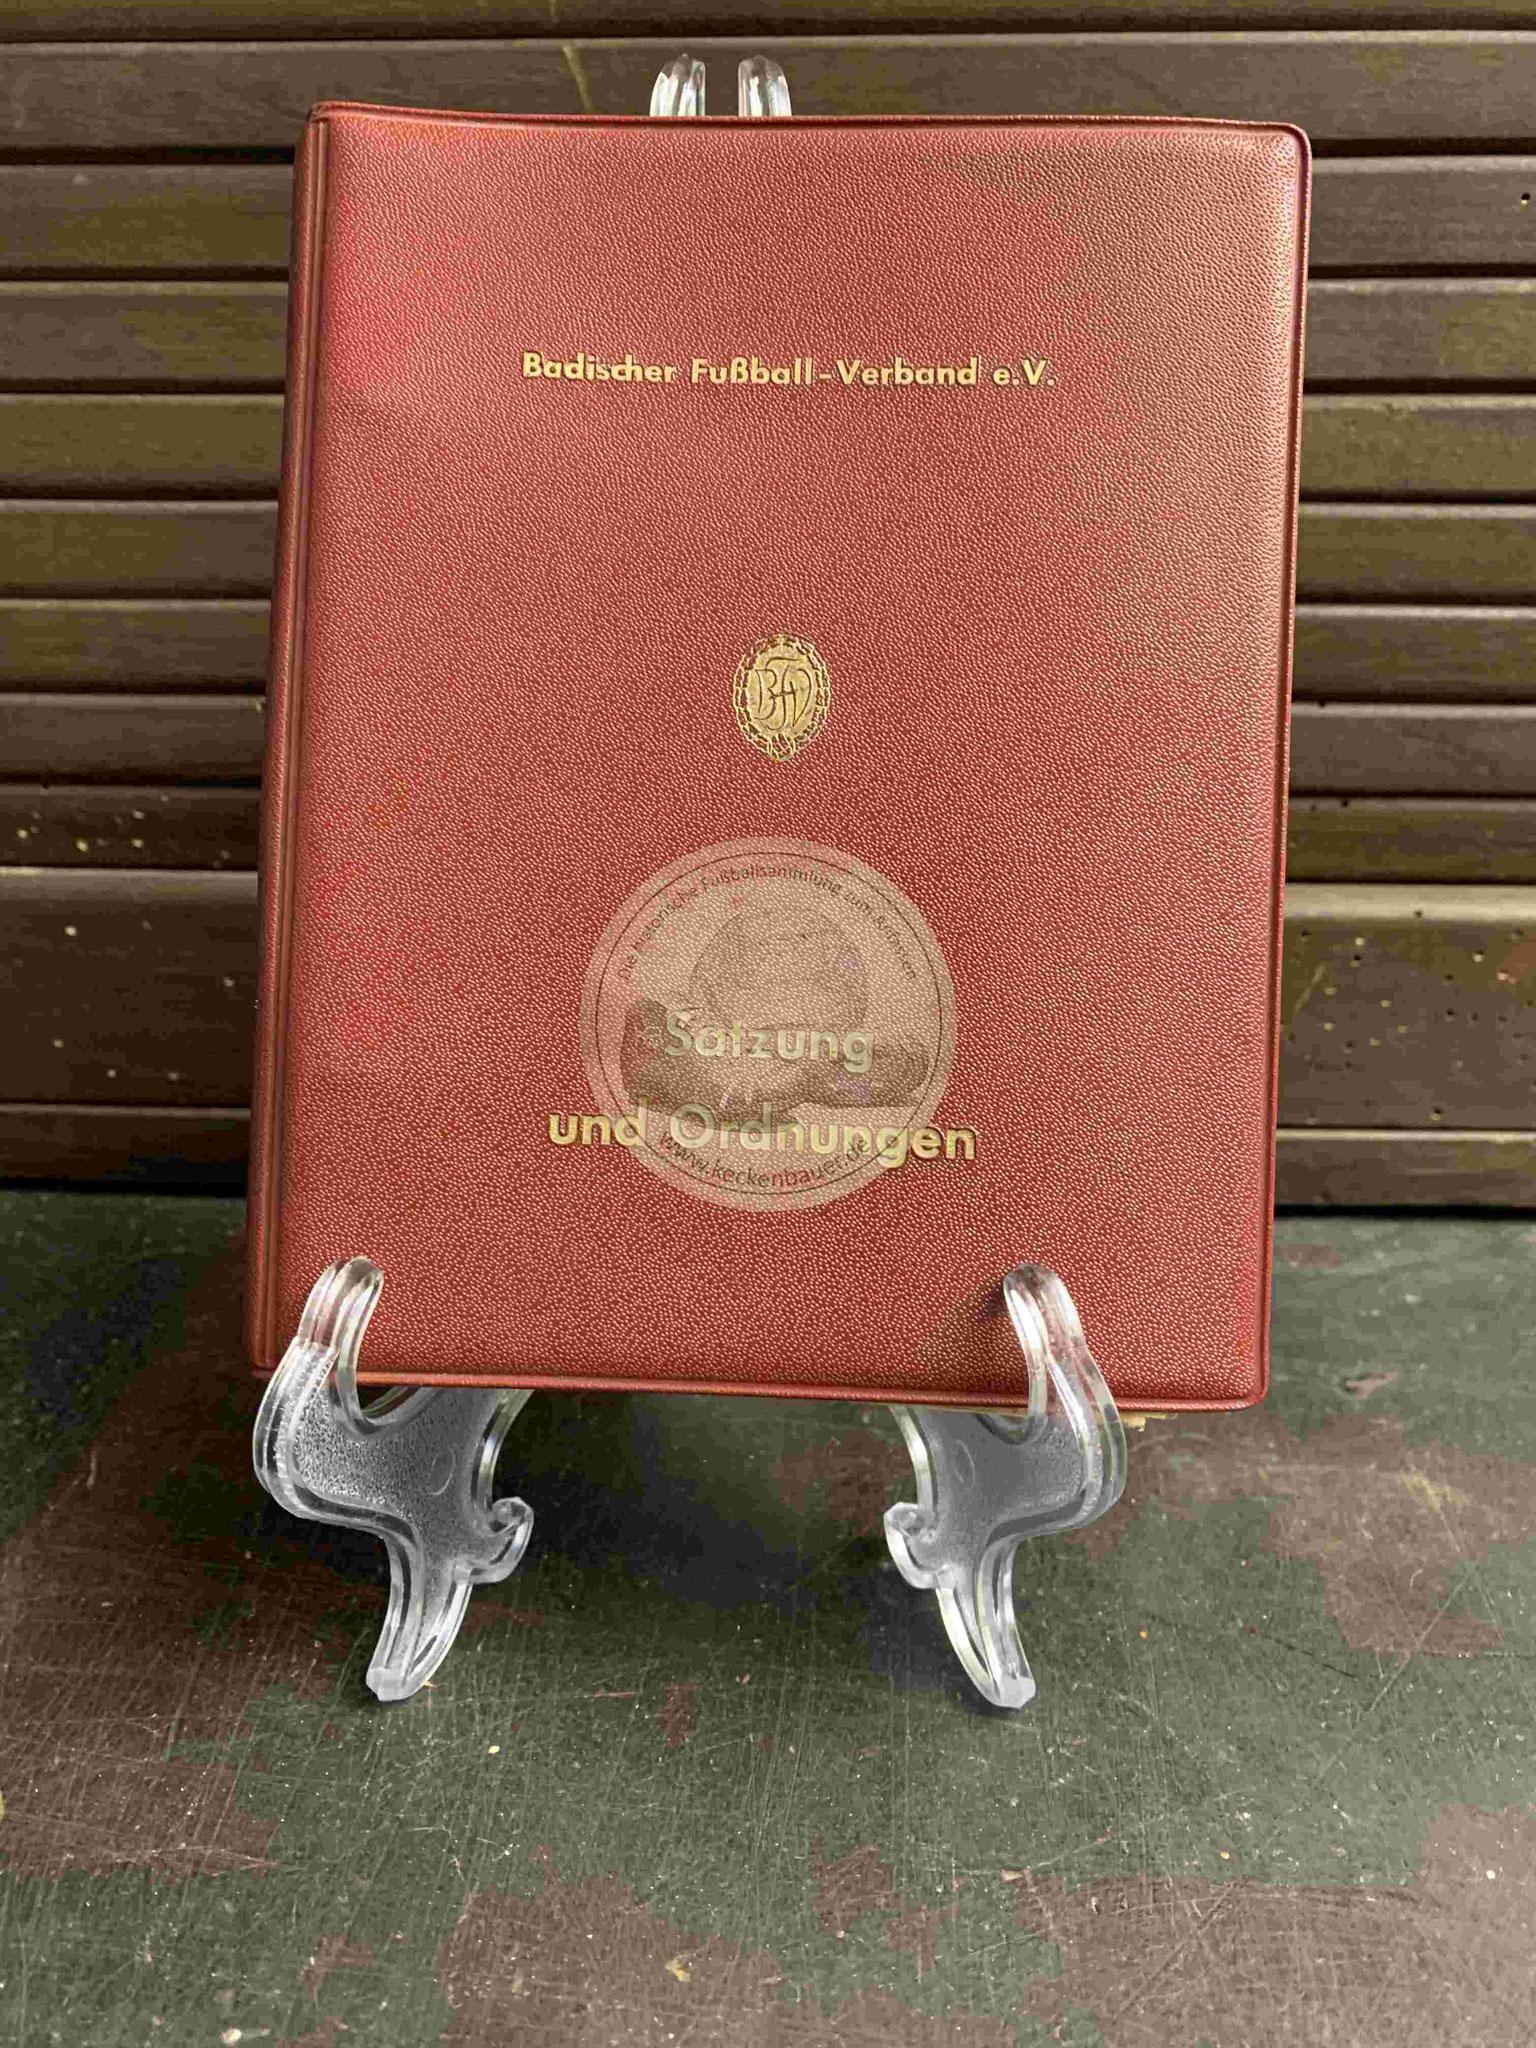 Satzung und Ordnungen des Badischen Fußball-Verbandes e.V. aus dem Jahr 1959